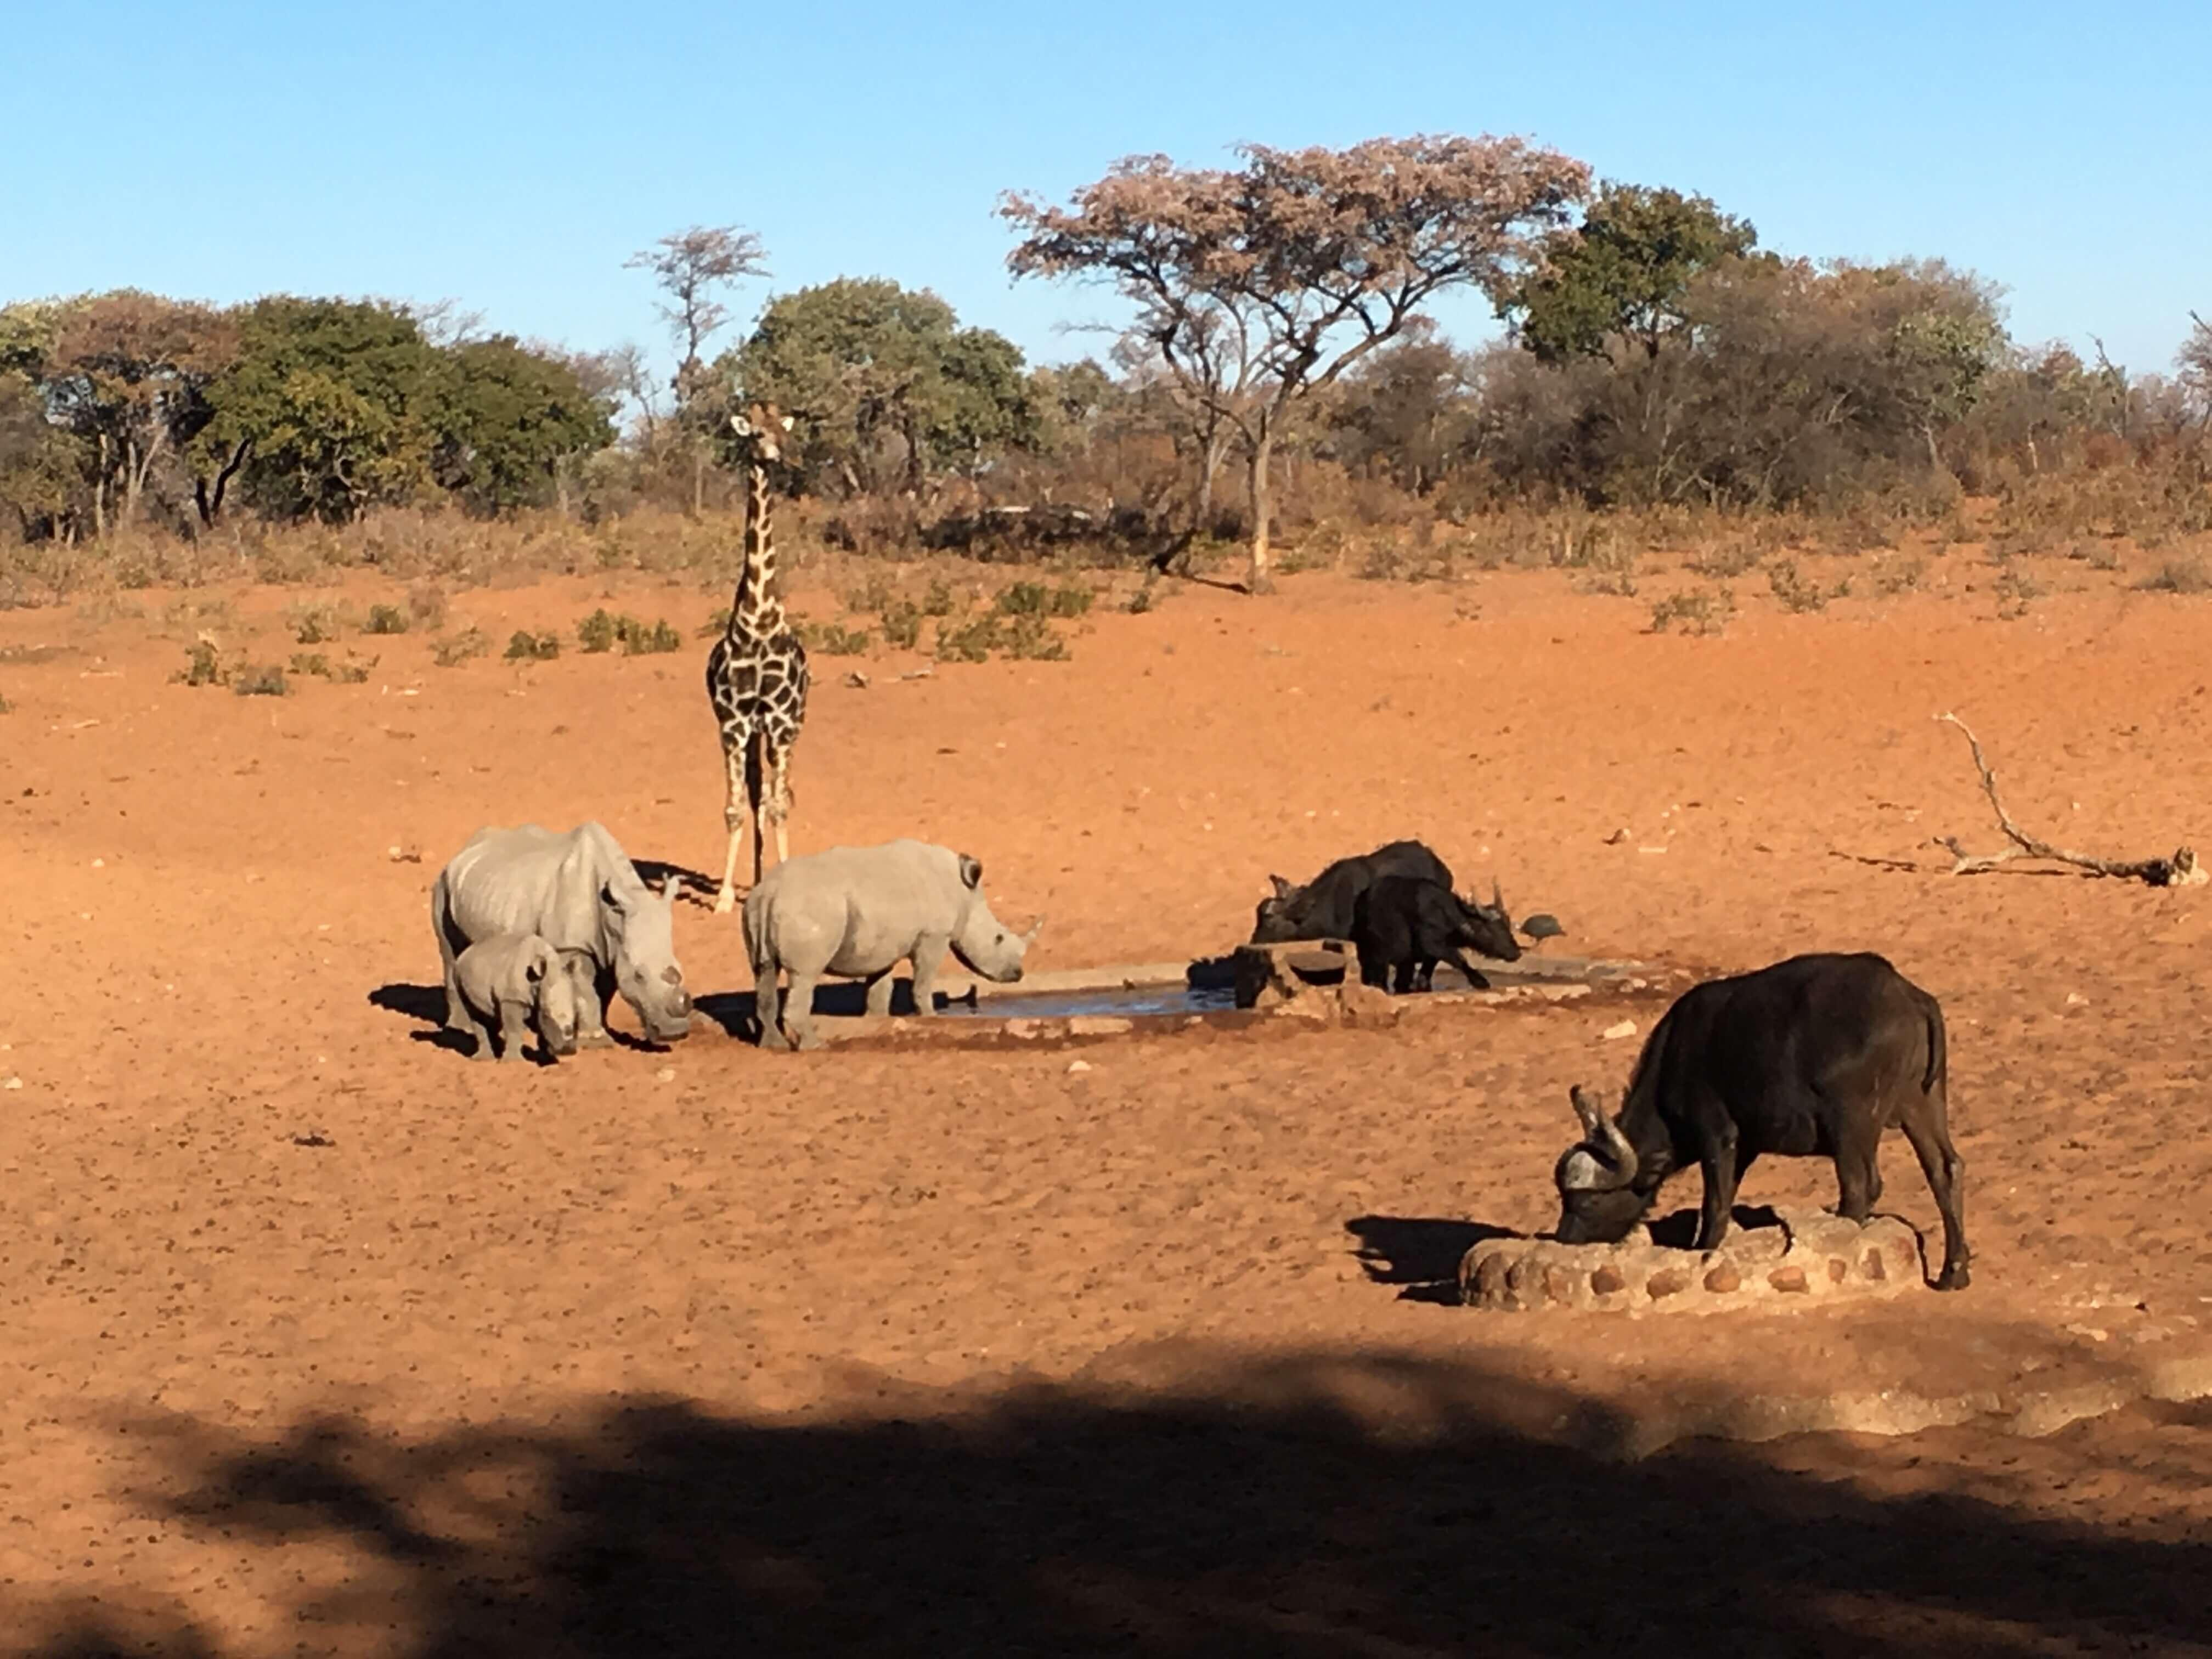 Drukte bij waterhole in Namibië